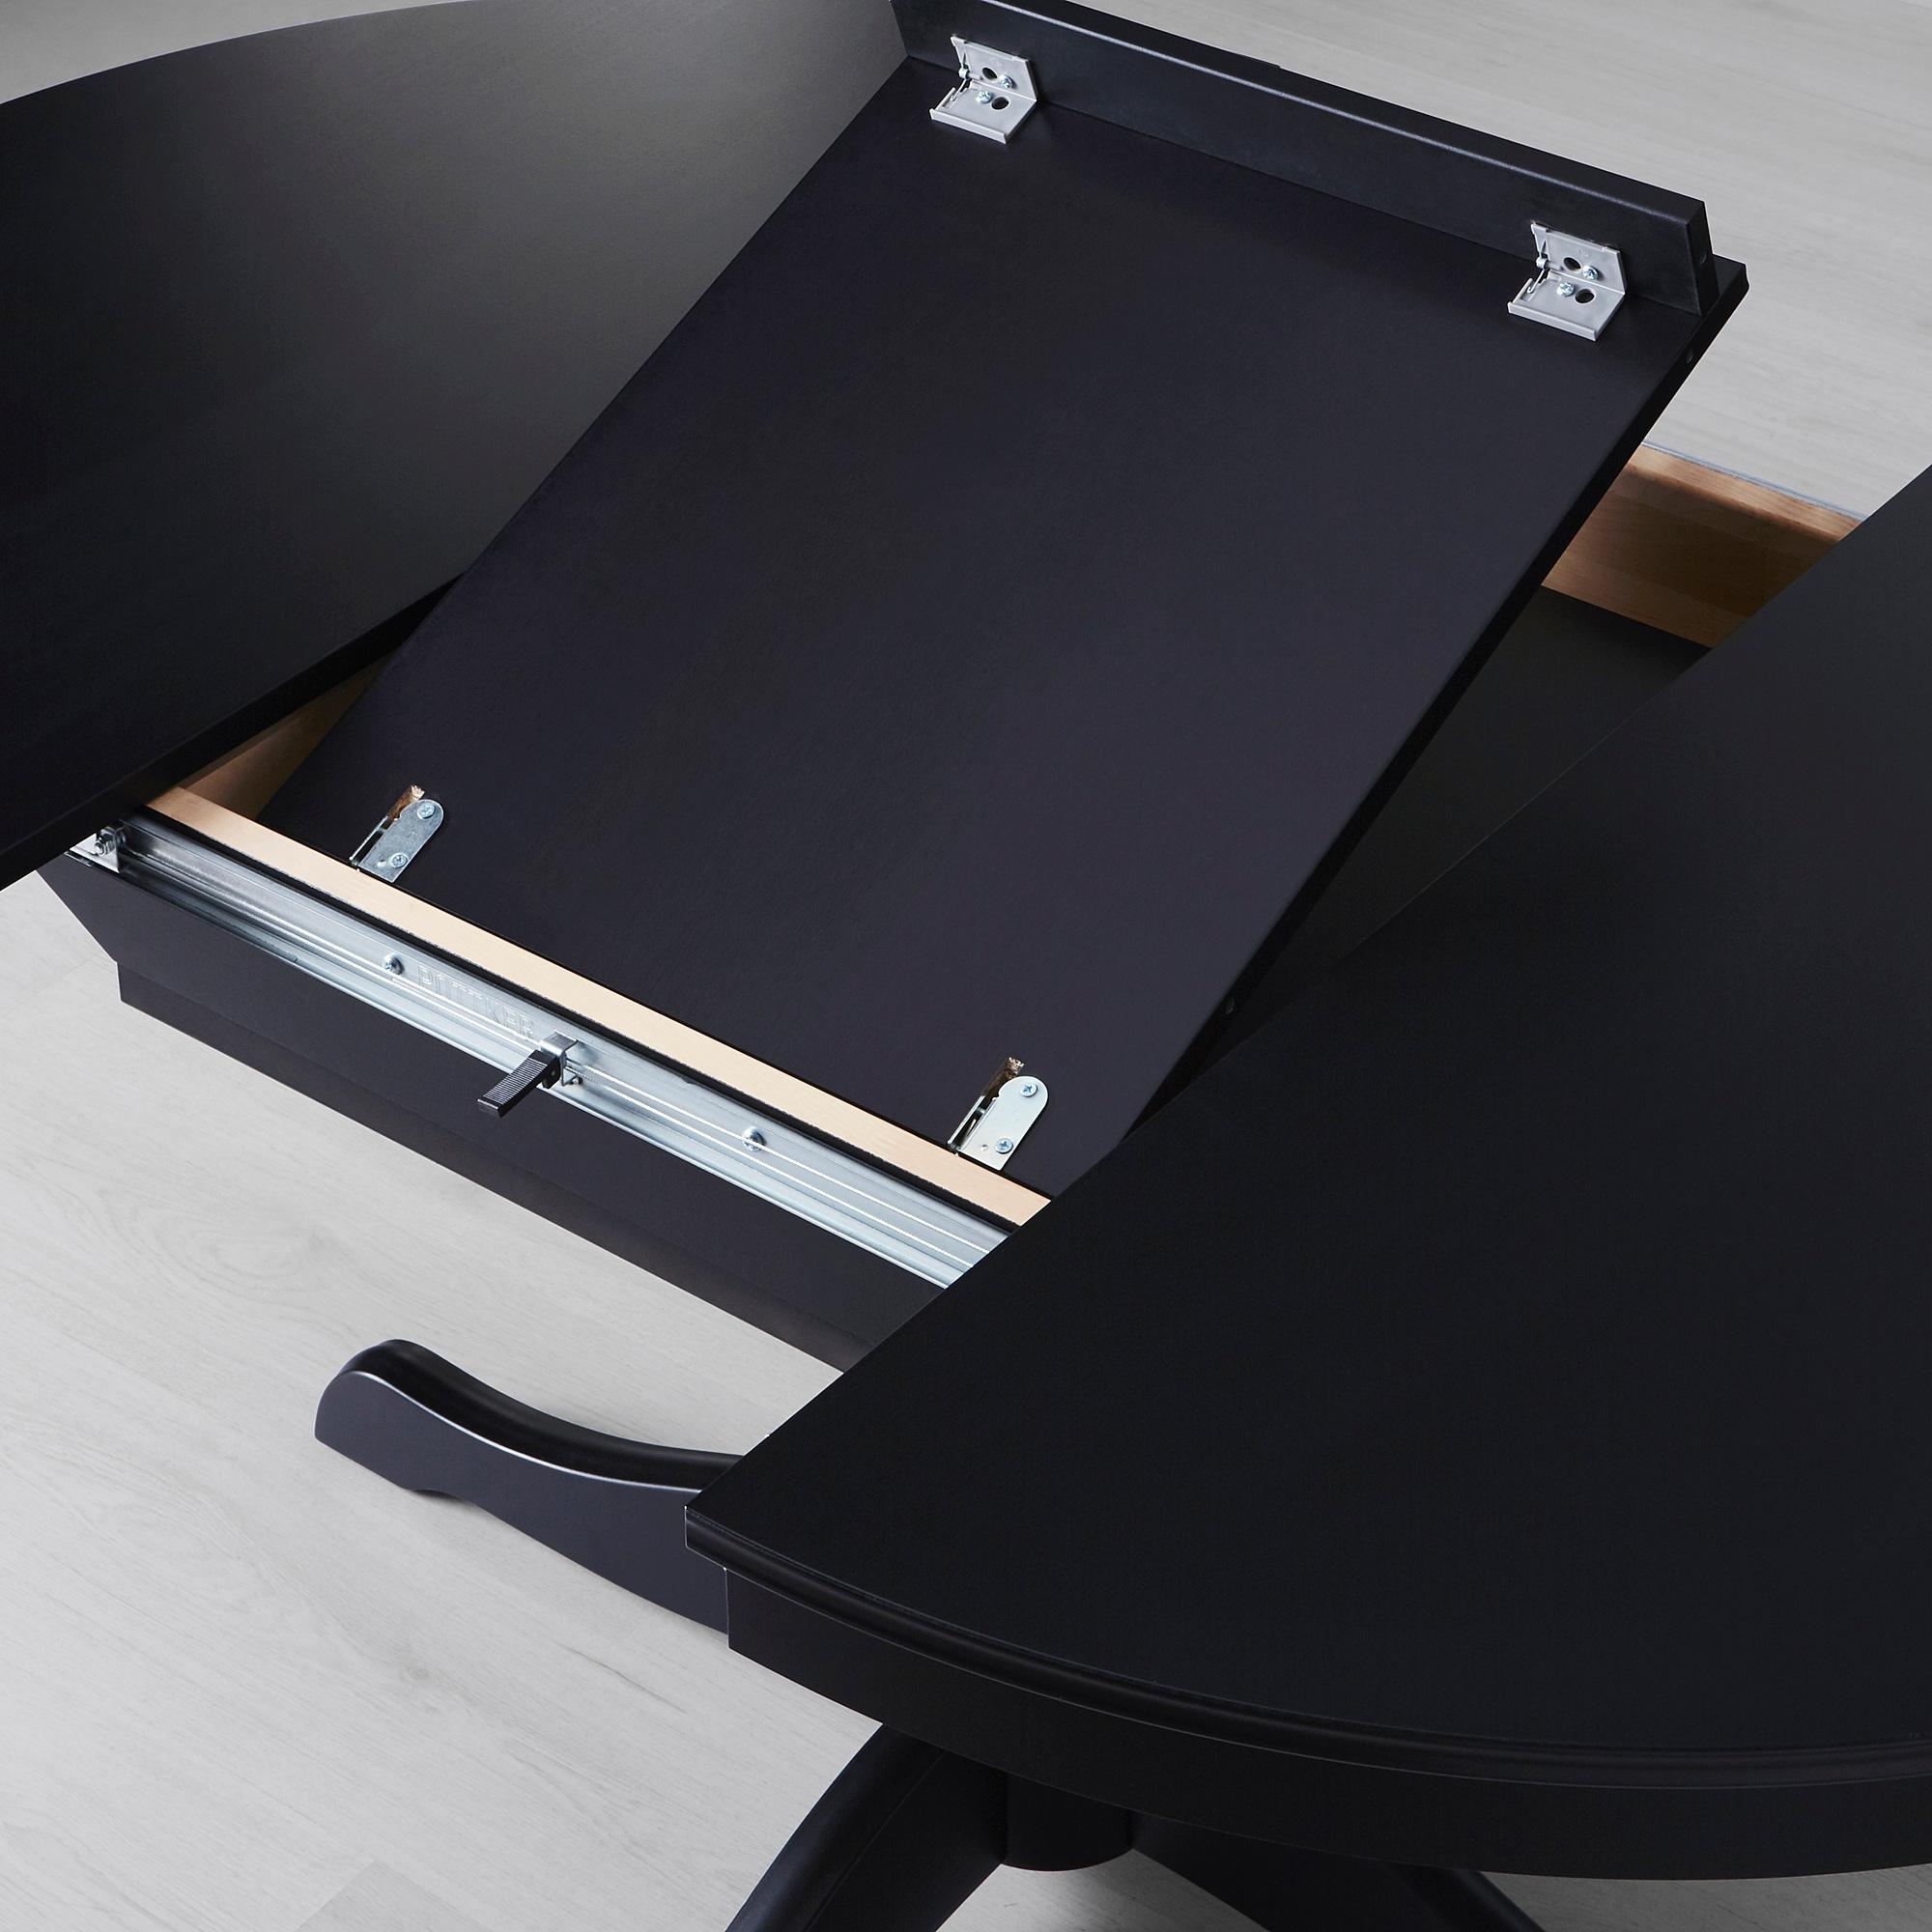 Раздвижной стол, черный, 110/155 см ИНГАТОРП 403.615.75 - фото 7 - интернет-магазин lbstore.kz